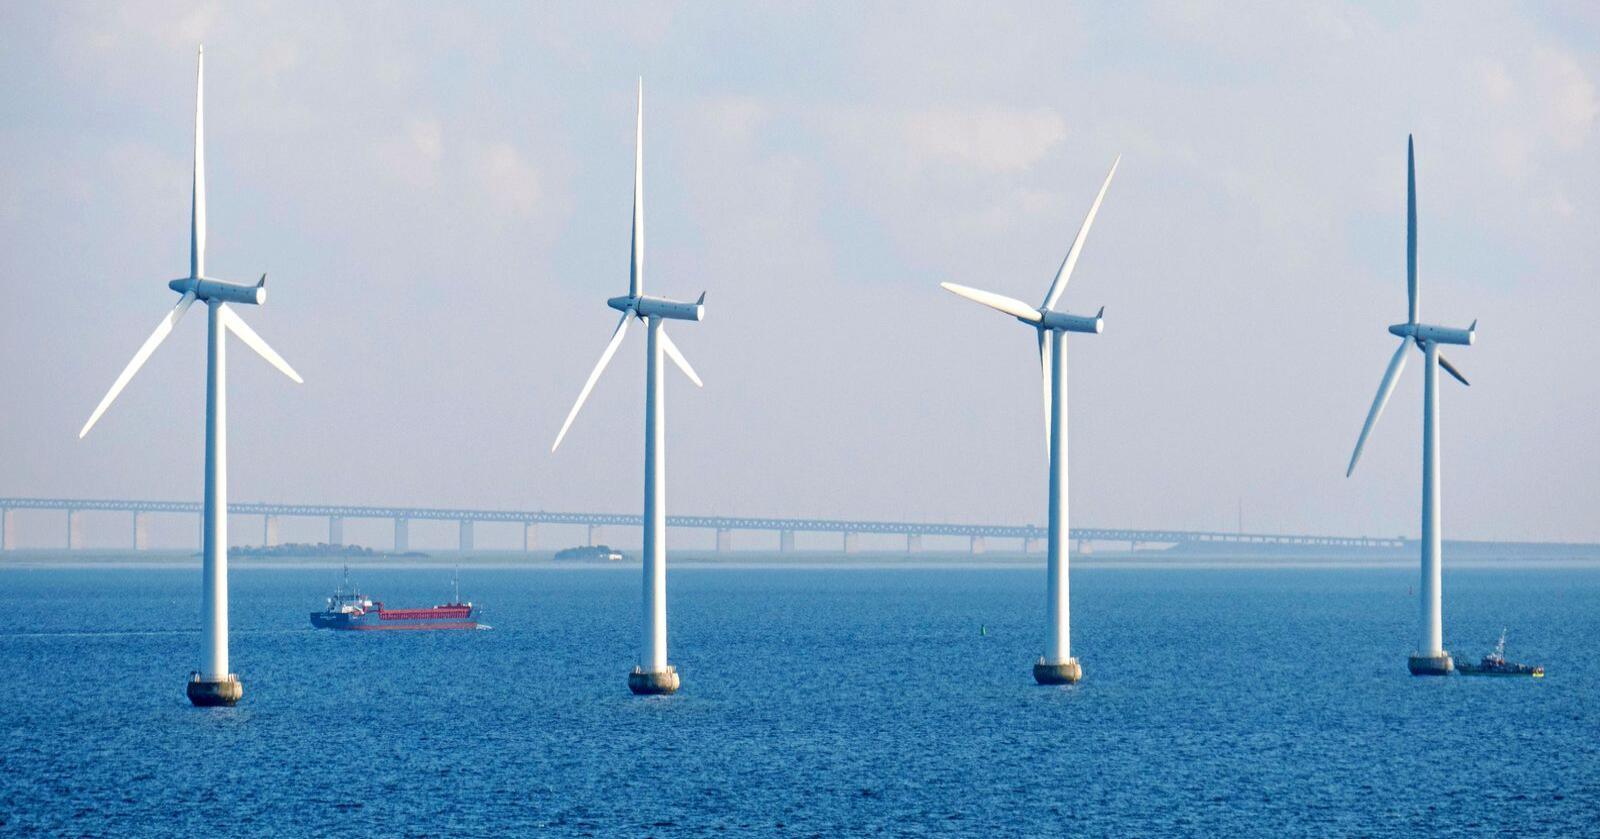 Havvind bør etableres i andre markeder enn i Norge, mener Statkraft, slik som her i Danmark. Foto: Paul Kleiven / NTB scanpix